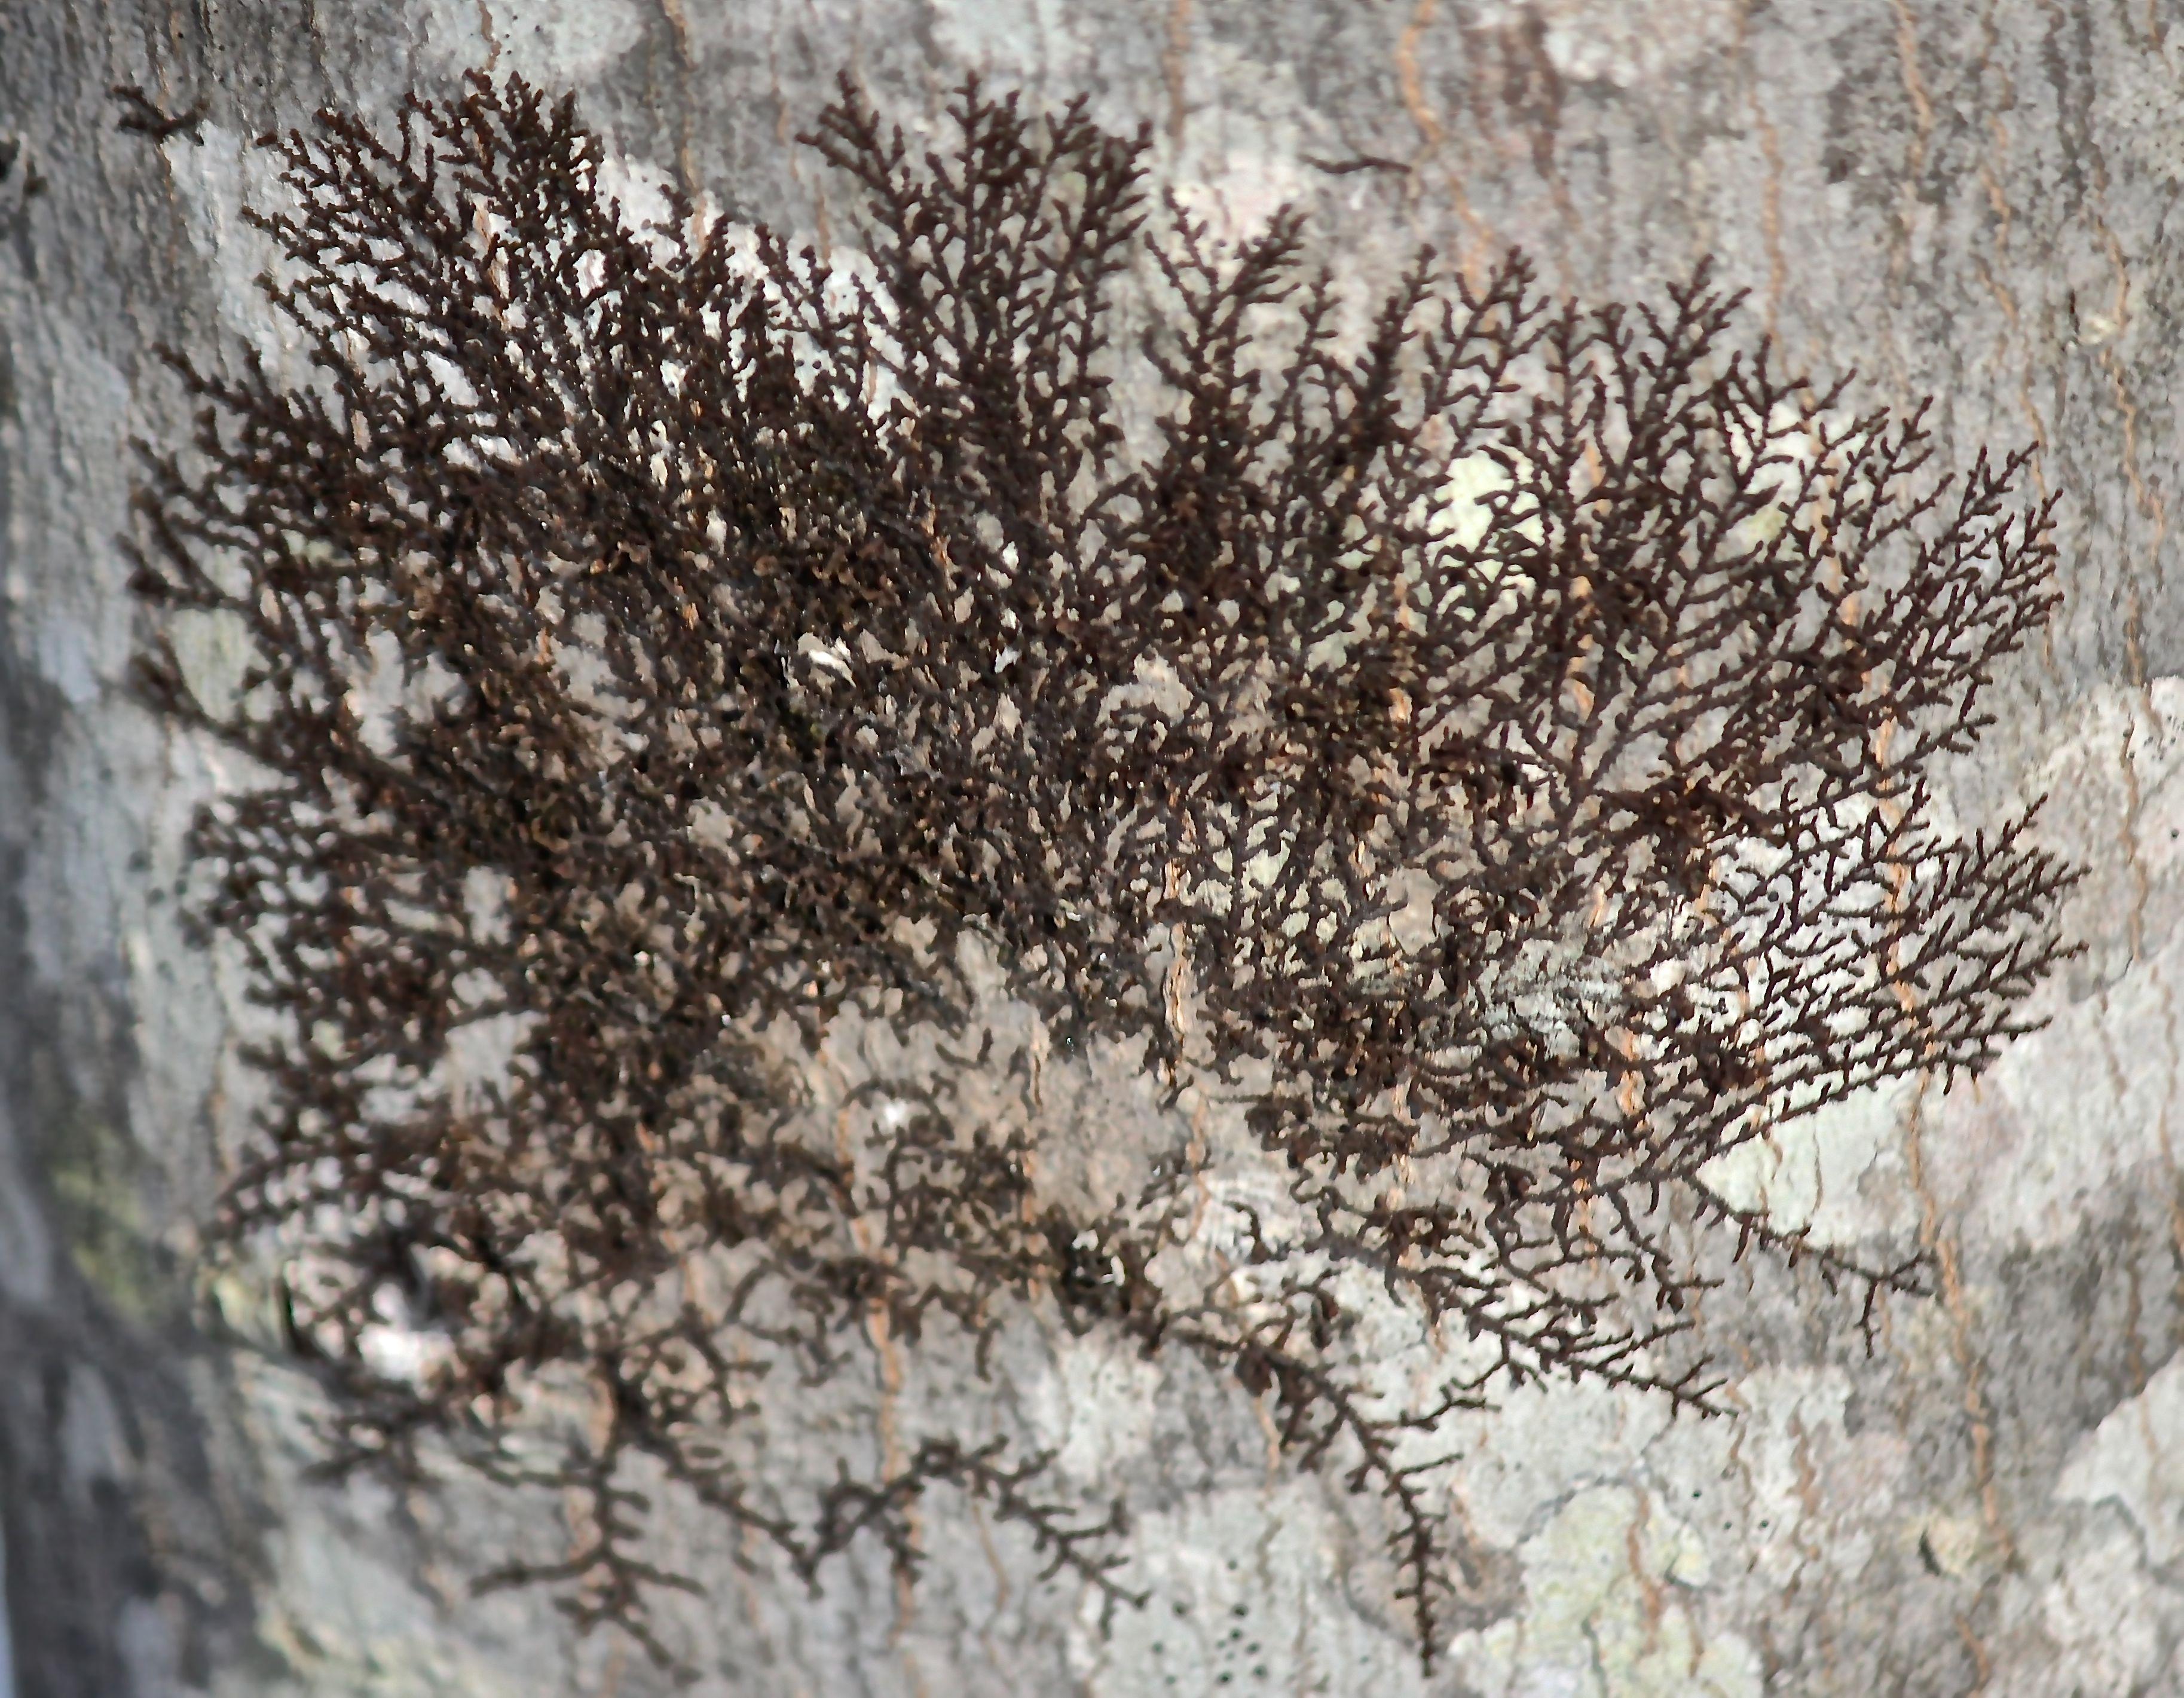 h-frullania 1 on red oak